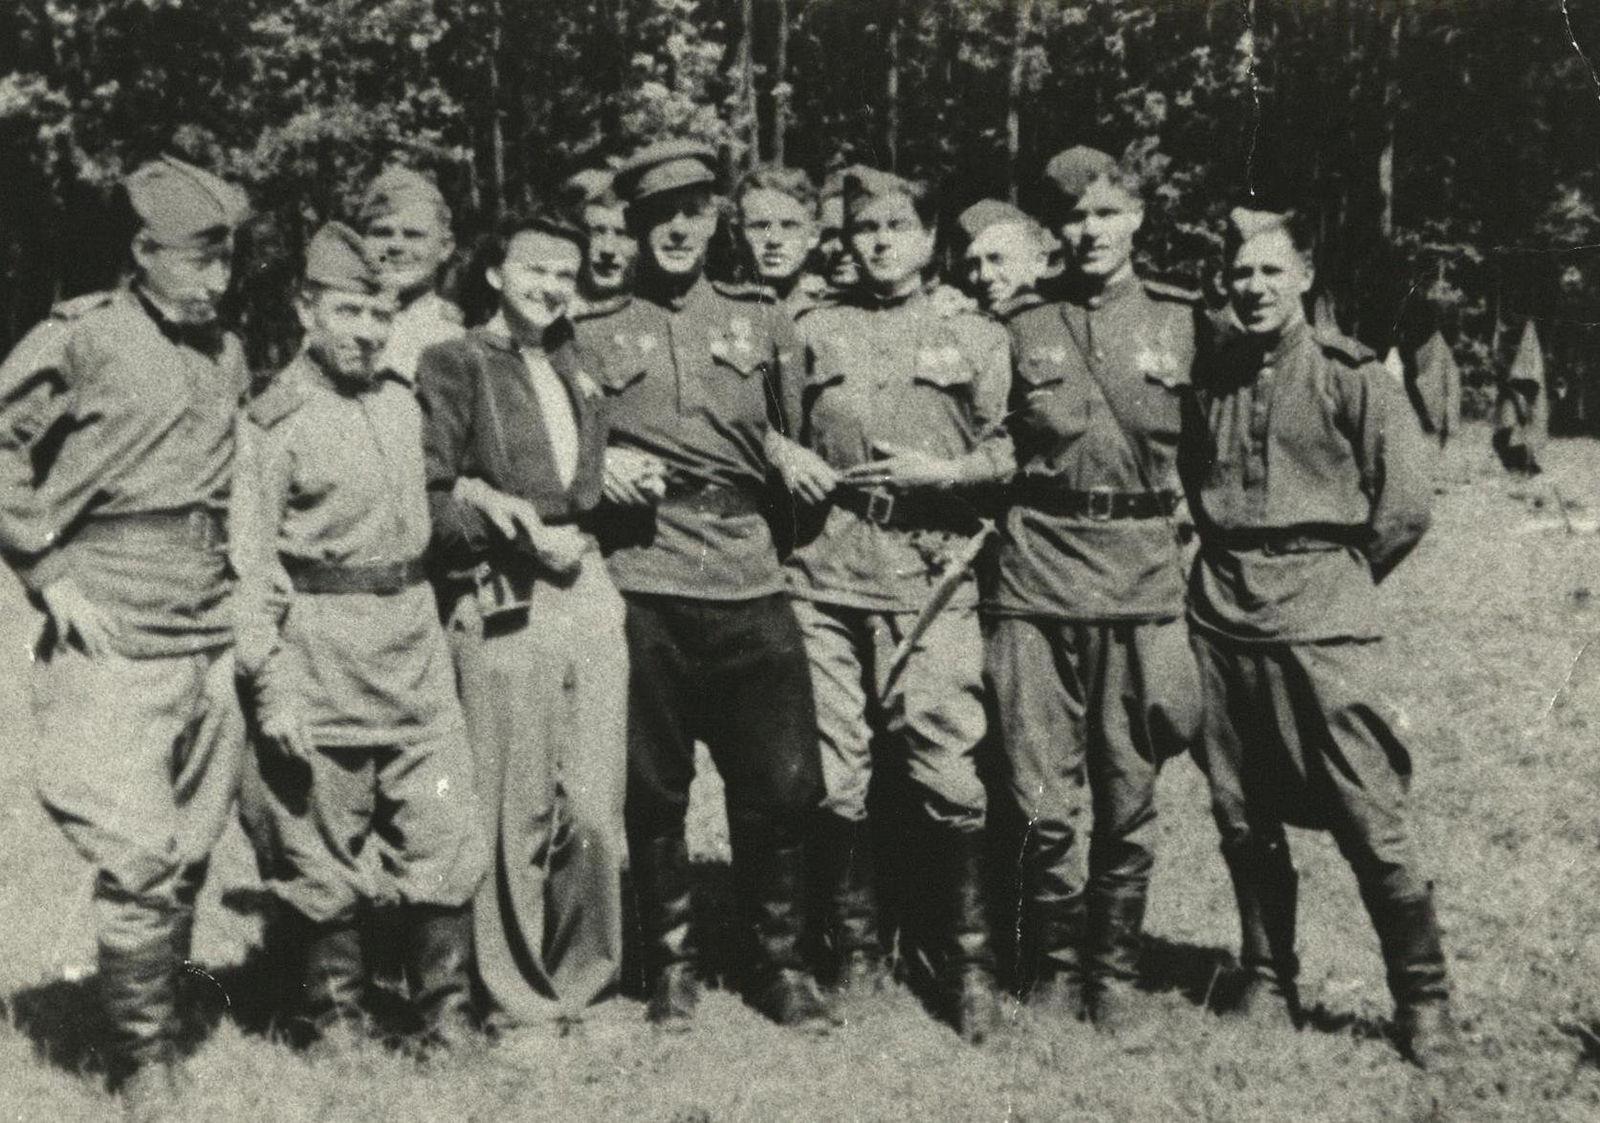 фото бойцов партизанского отряда им кравцова юность, несмотря